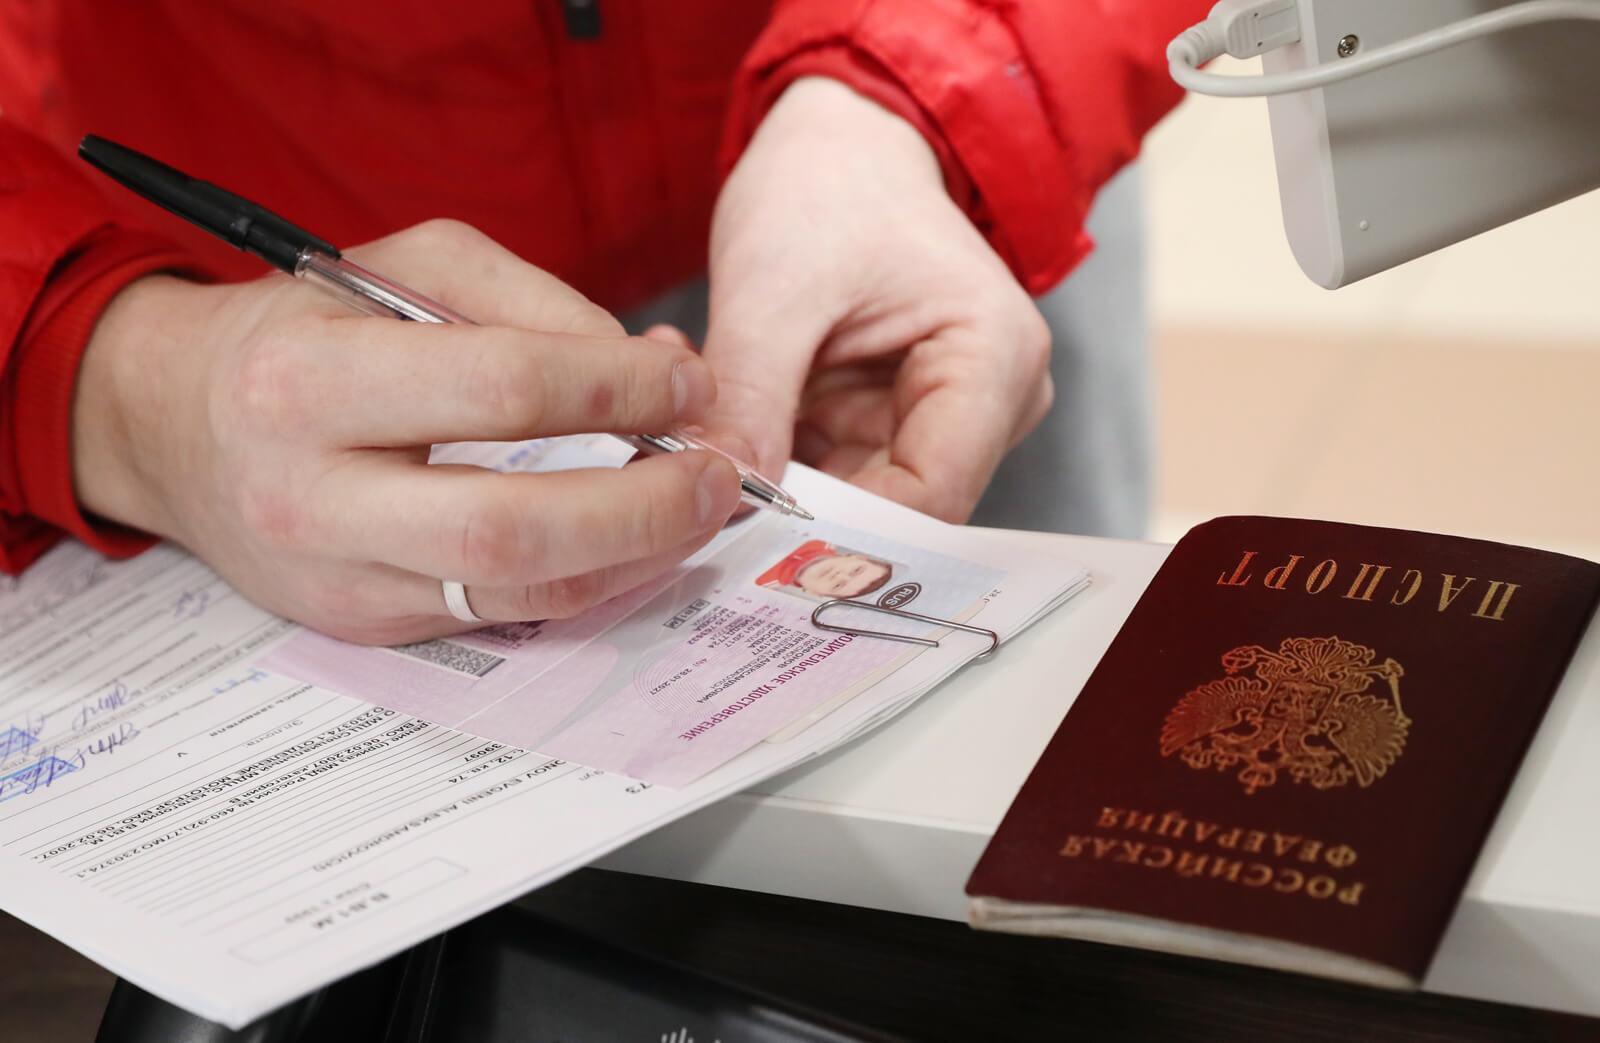 Как поменять водительские права? Замена водительского удостоверения при смене фамилии. Где можно поменять права? Как поменять просроченные права?